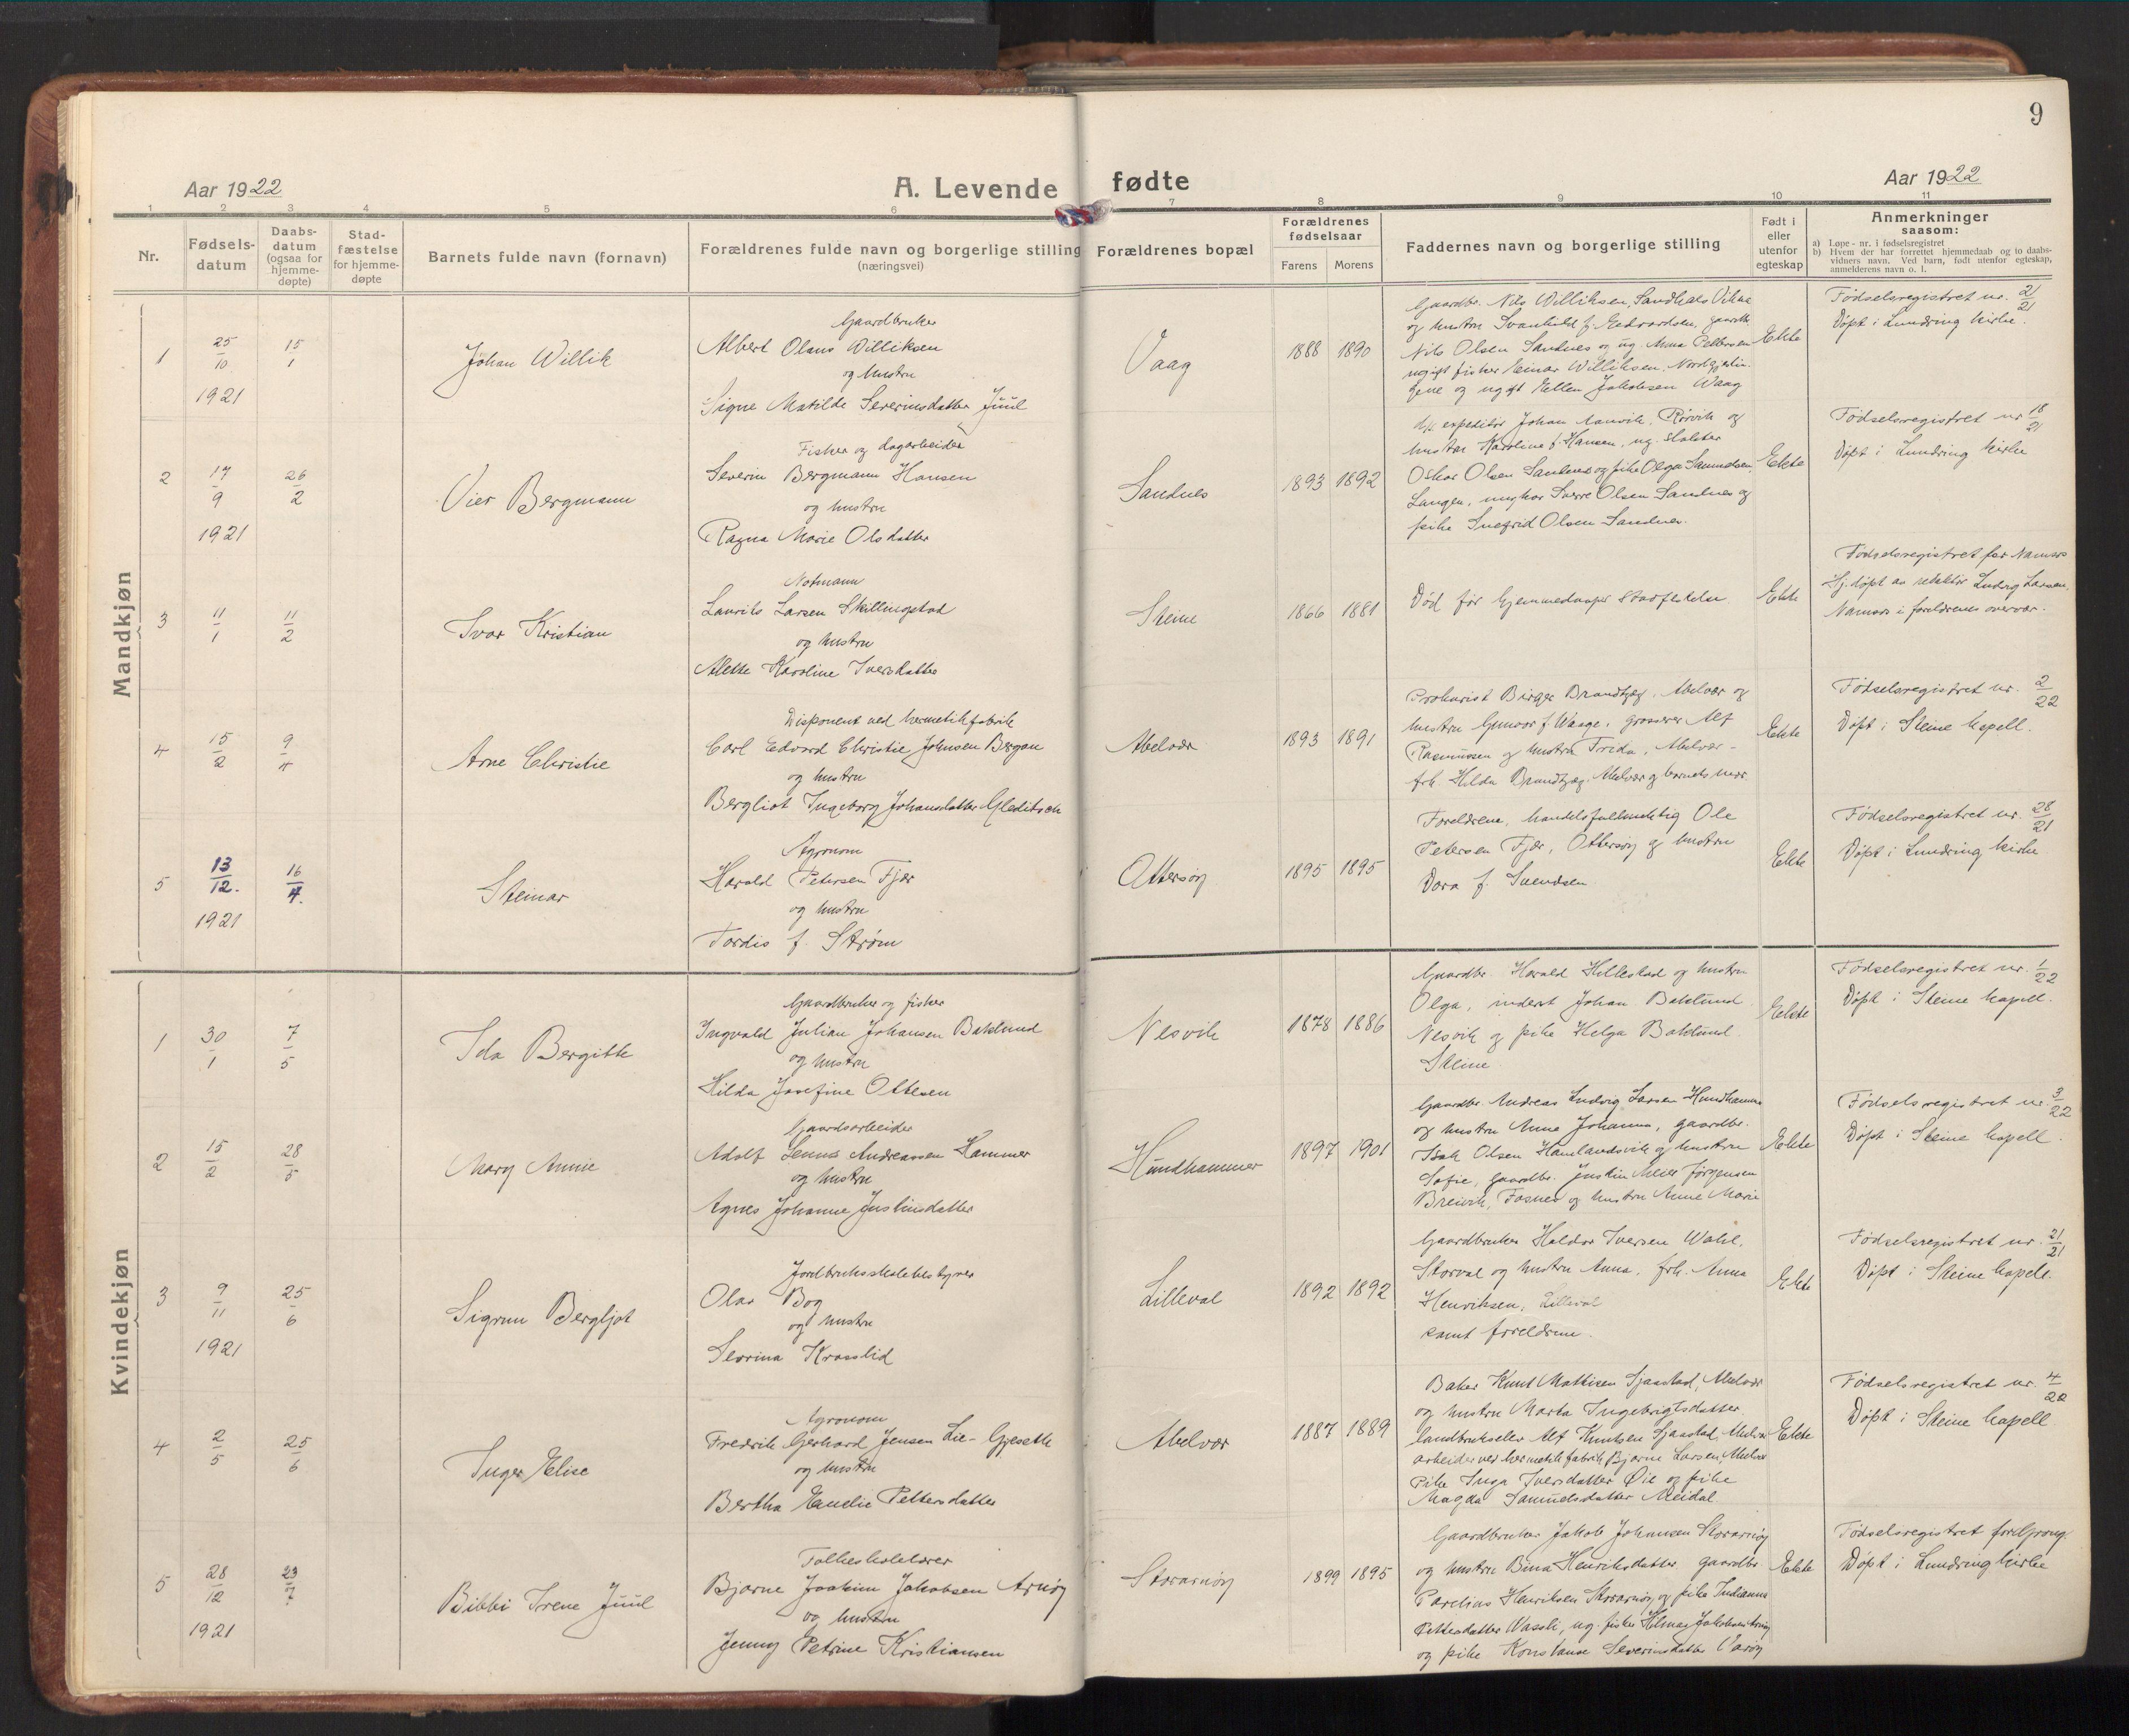 SAT, Ministerialprotokoller, klokkerbøker og fødselsregistre - Nord-Trøndelag, 784/L0678: Ministerialbok nr. 784A13, 1921-1938, s. 9